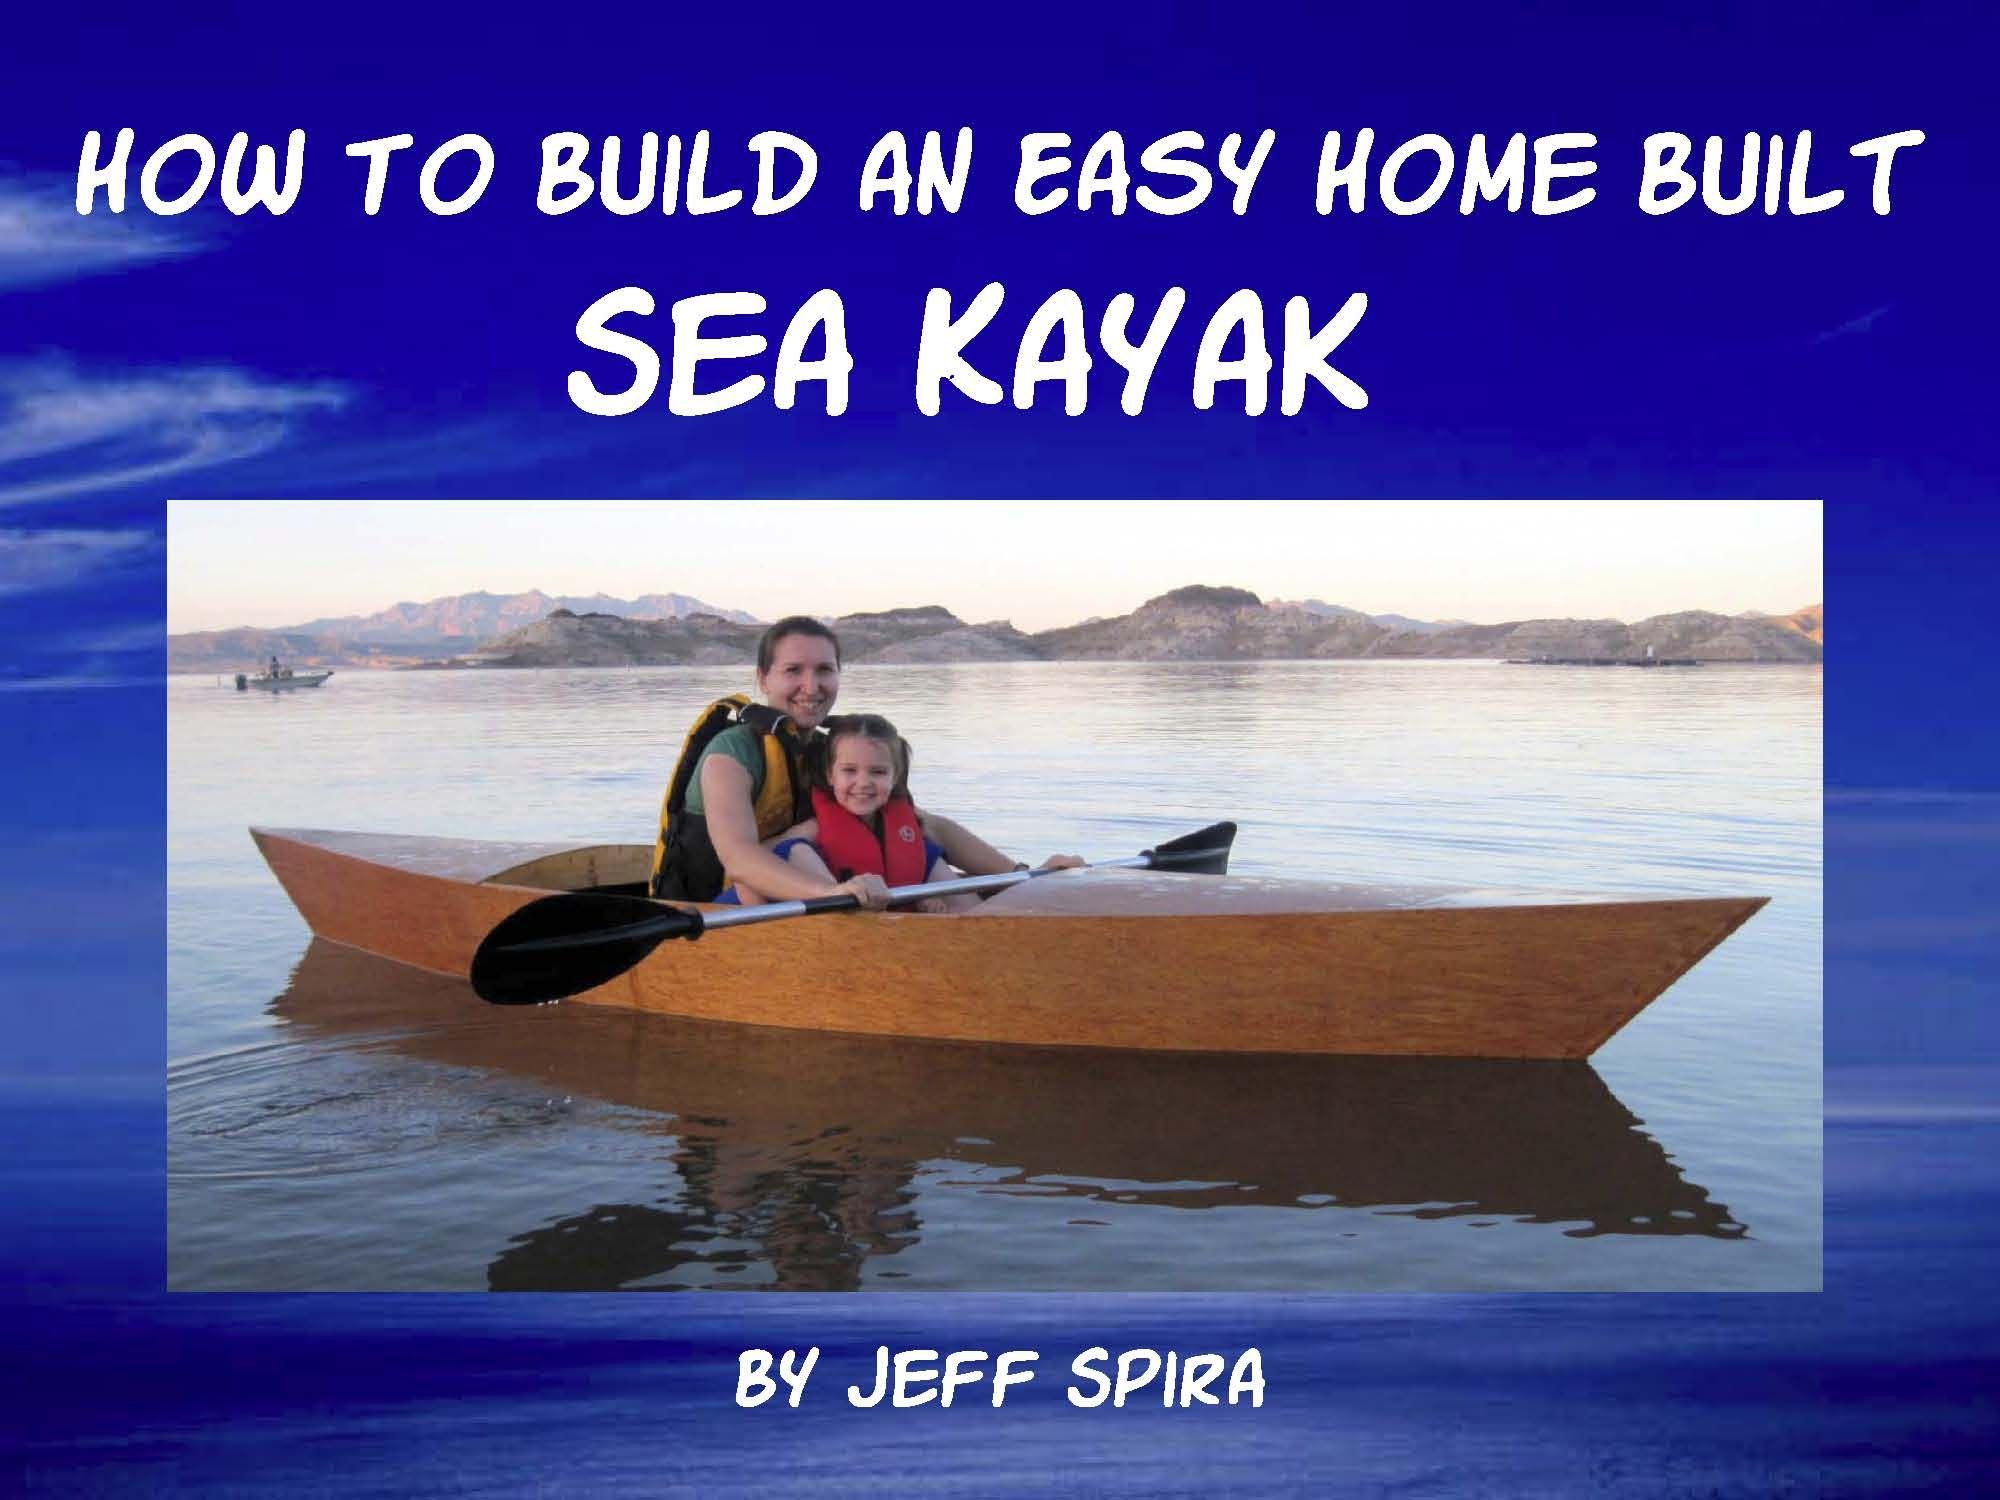 Download Free Plans for the Huntington Harbor Kayak | Boat plans | Pinterest | Boating, Boat ...